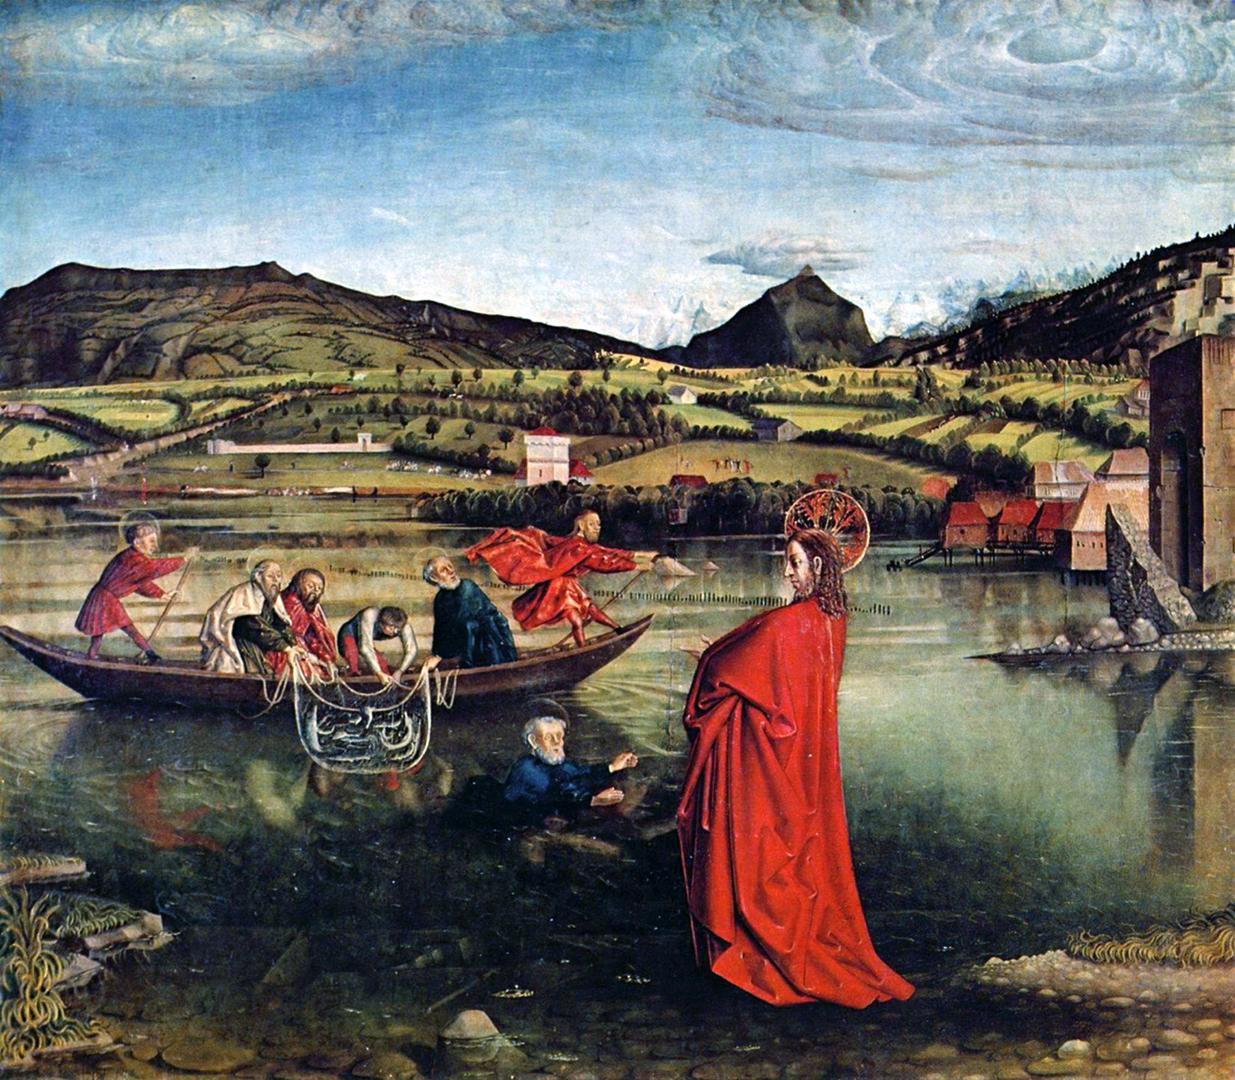 Le retable de Konrad Witz datant de 1444 donne une idée de ce à quoi ressemblait Genève au Moyen-Âge. Le tableau, qui transpose une scène biblique sur le Léman, est considéré comme le premier portrait topographique réaliste de la peinture occidentale.